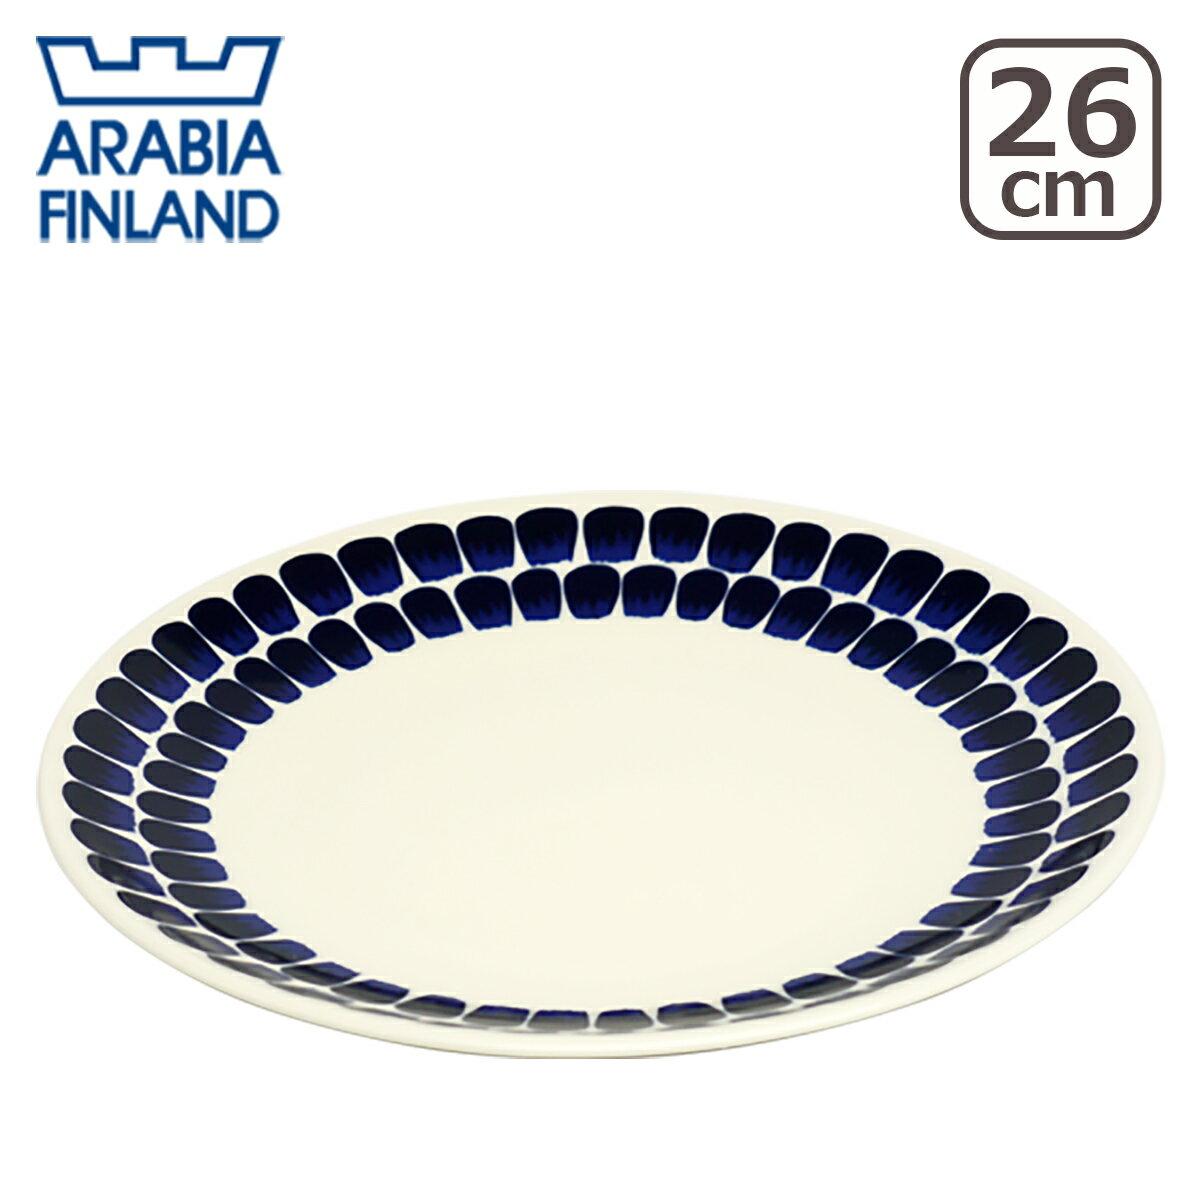 【4時間クーポン】アラビア(Arabia ) 24h トゥオキオ (TUOKIO) 26cmプレート コバルトブルー 北欧 食器